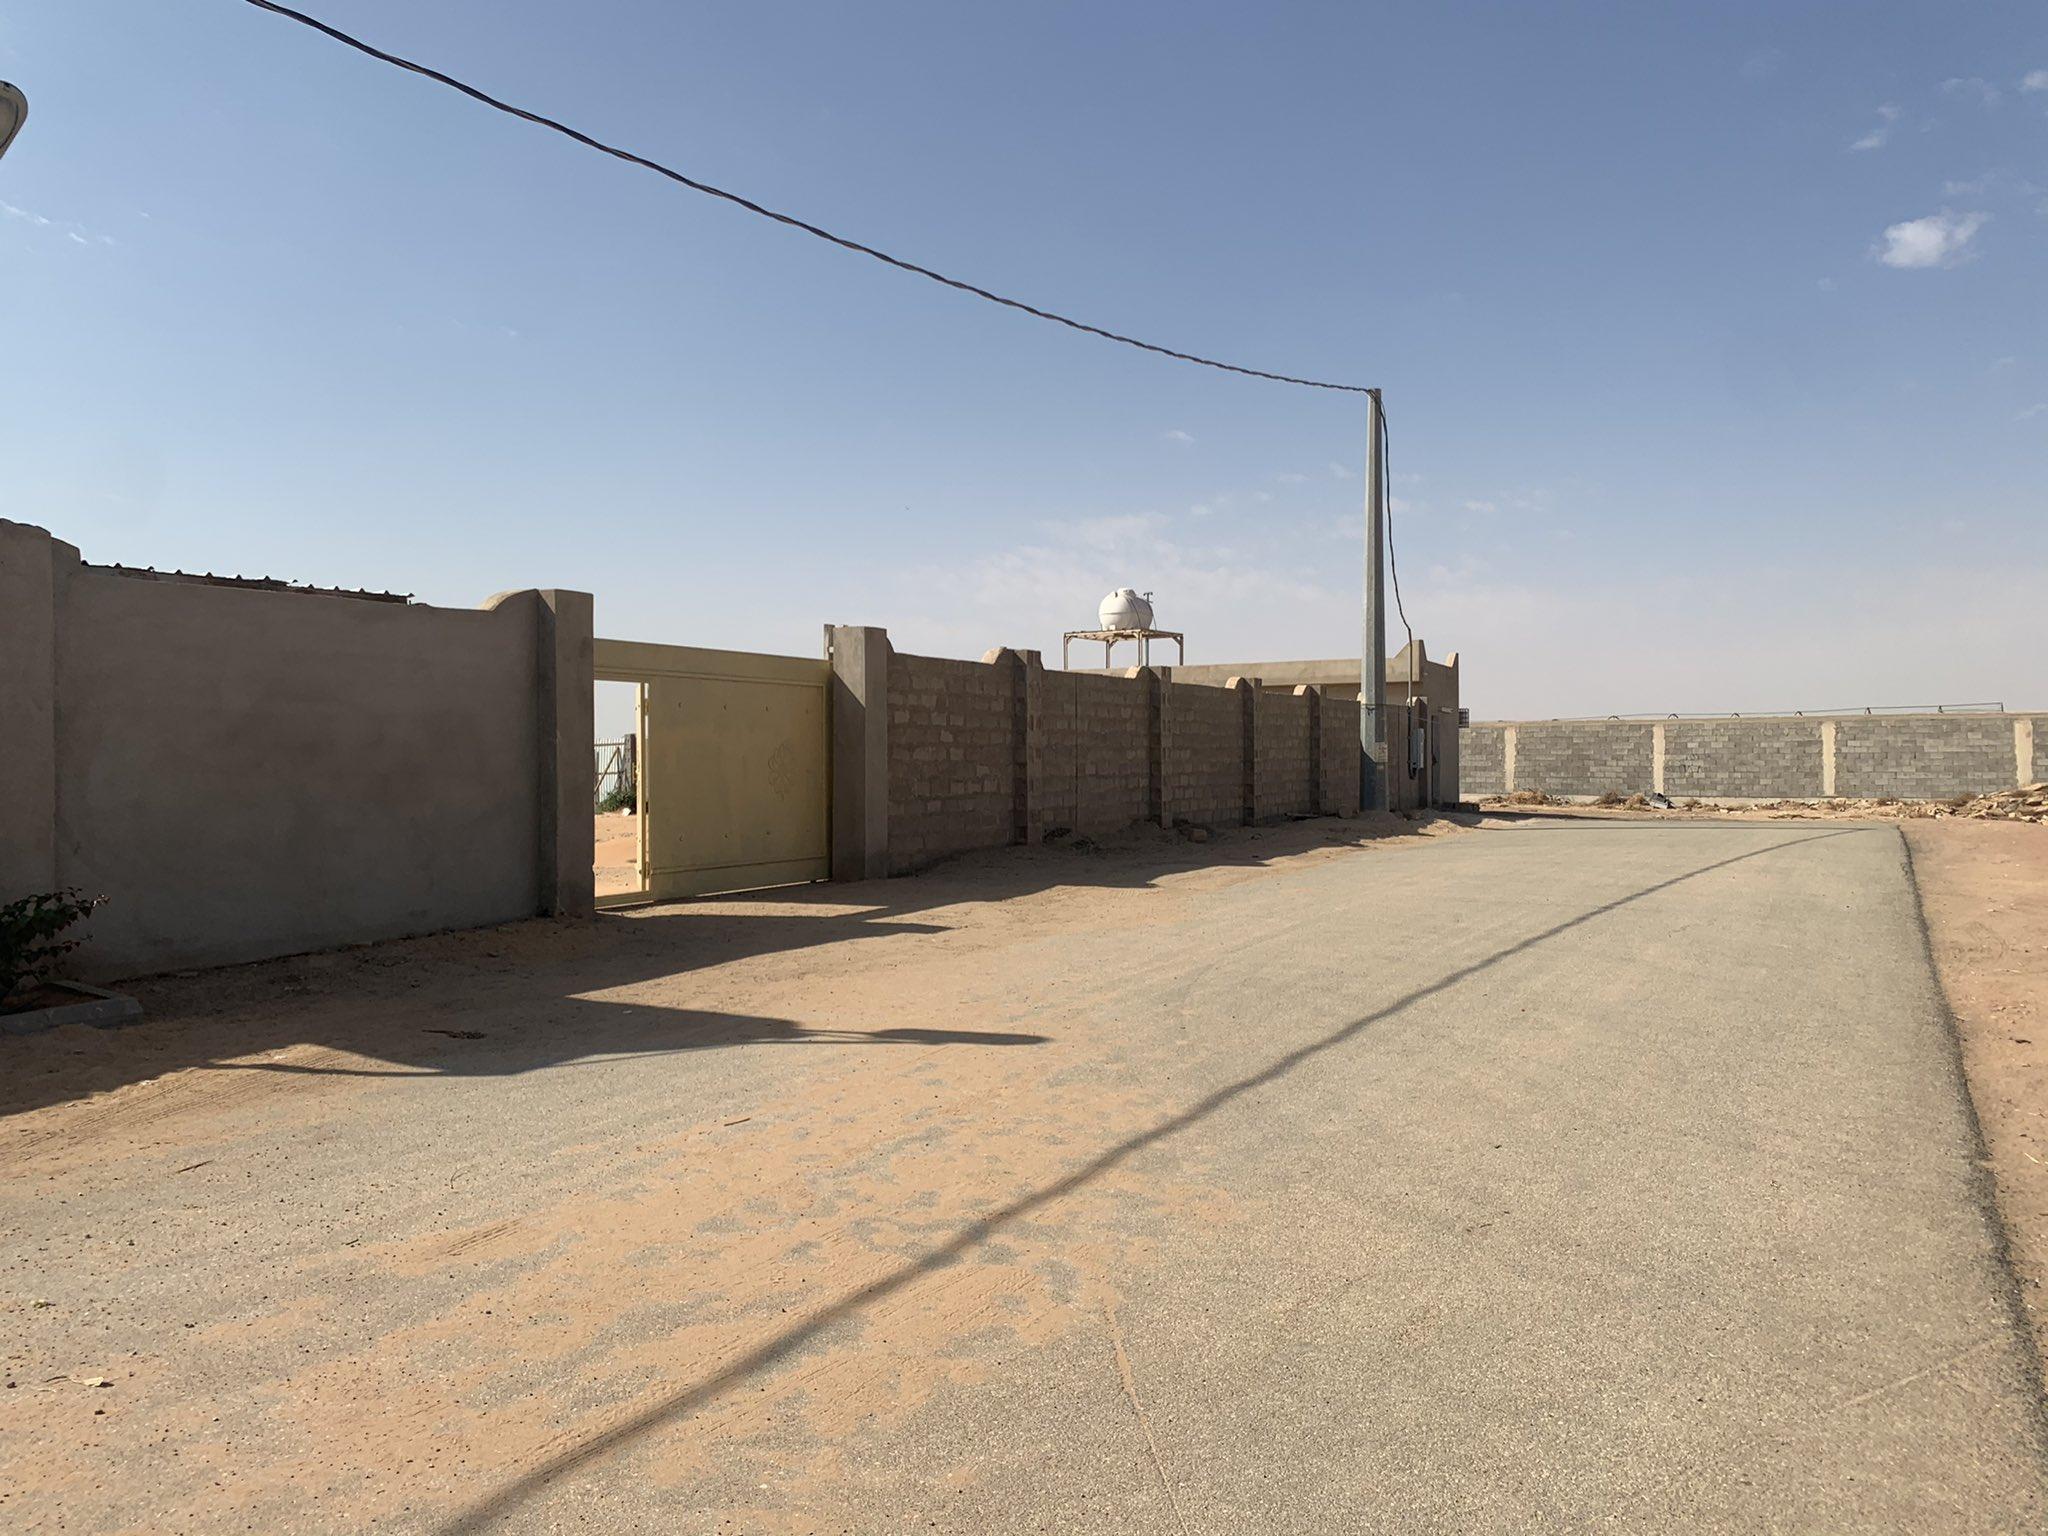 للبيع استراحة مملوكة بصك مشاع الموقع: #البكيرية طريق ساق